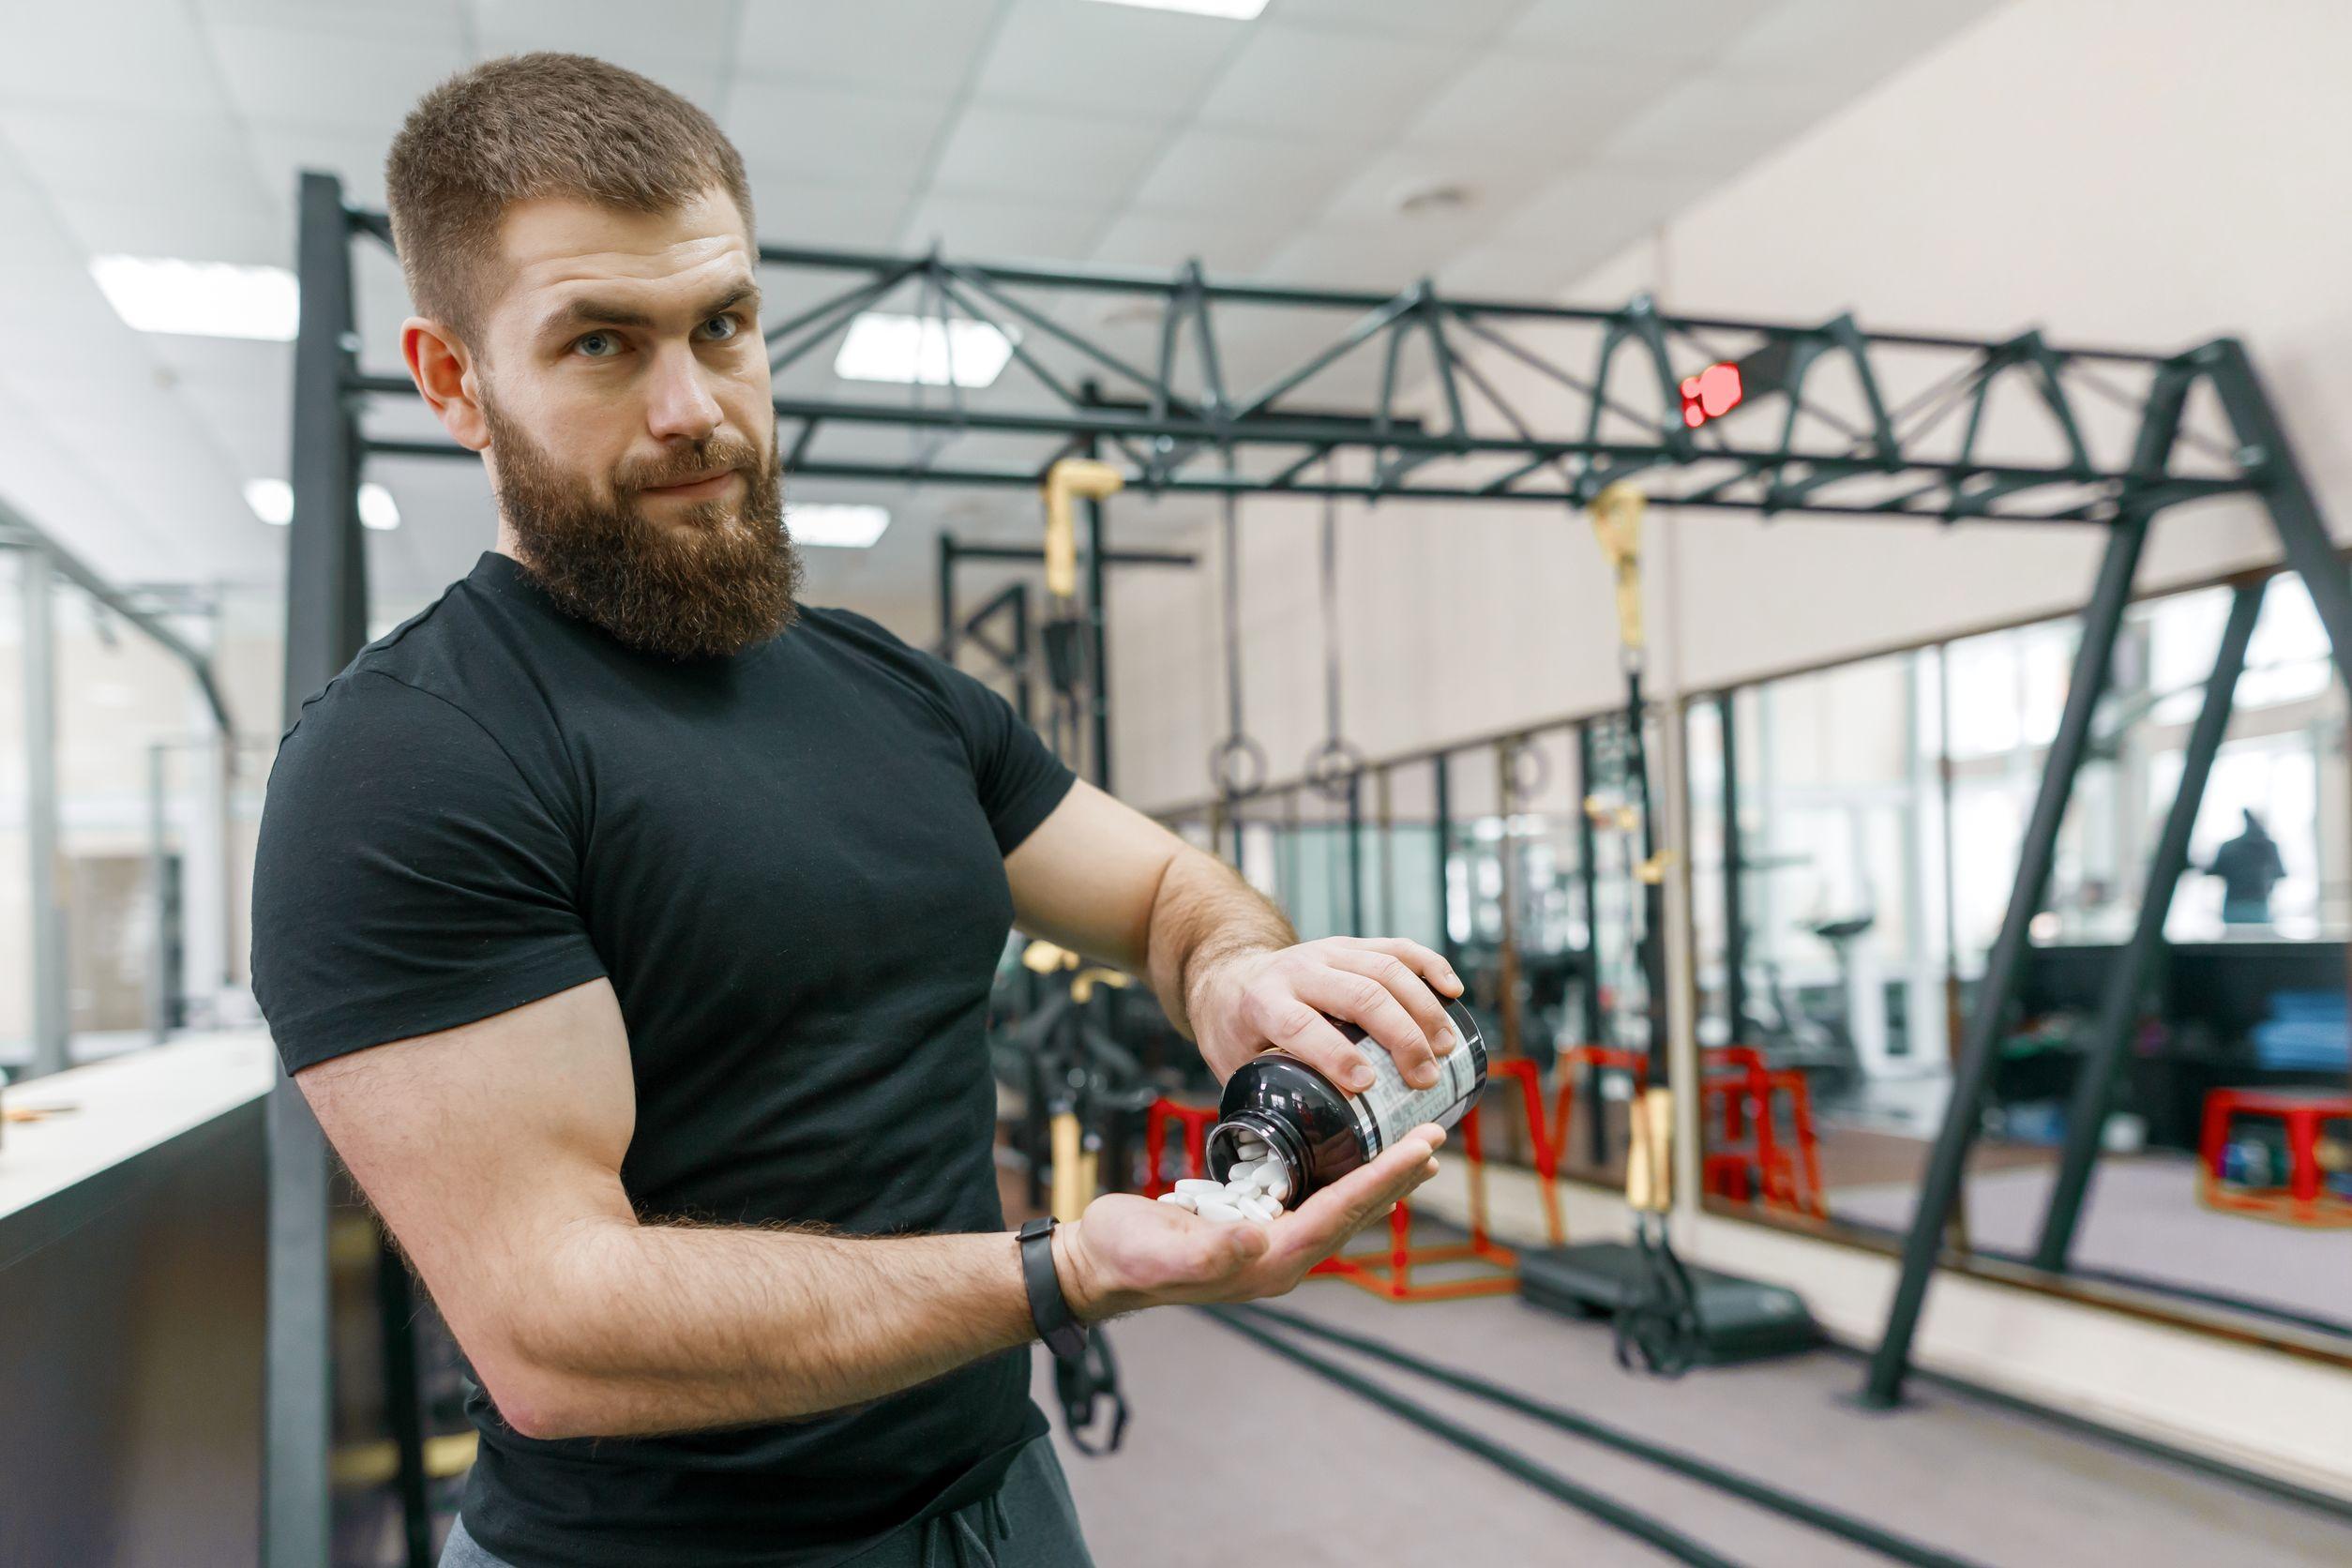 Hombre en gimnasio con bote de vitaminas